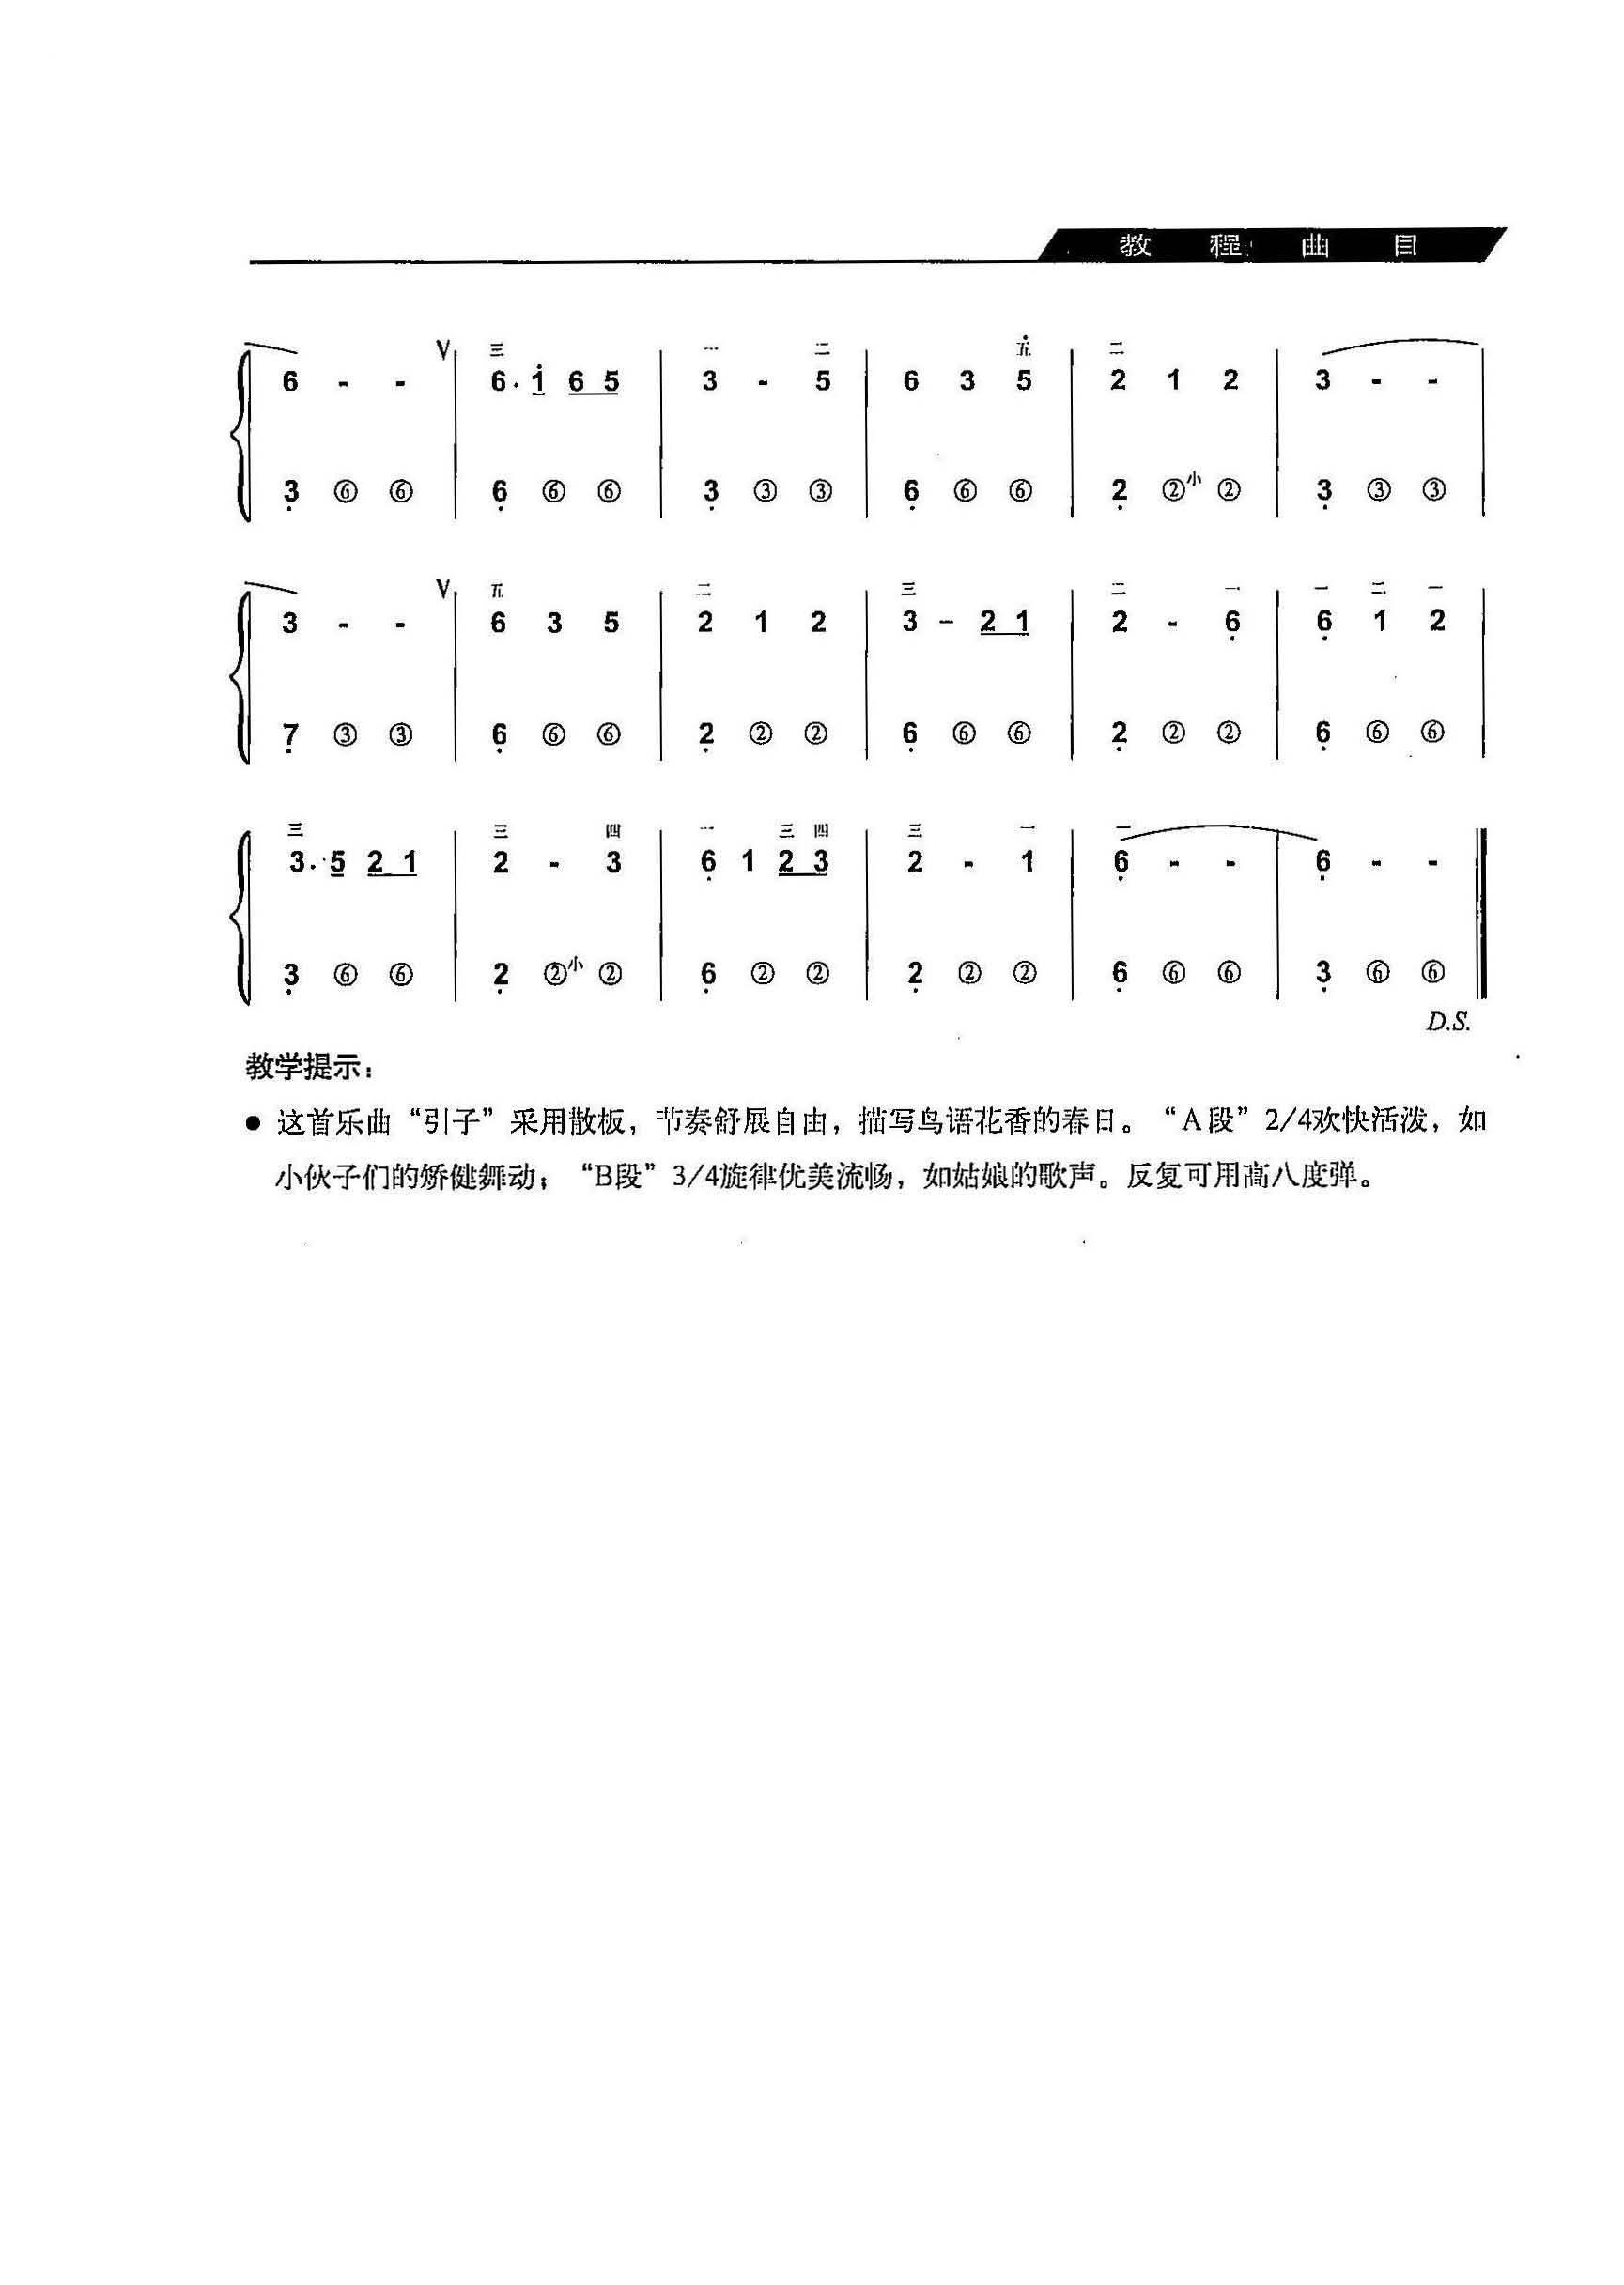 手风琴曲 花儿与少年 简谱 教程 详细的